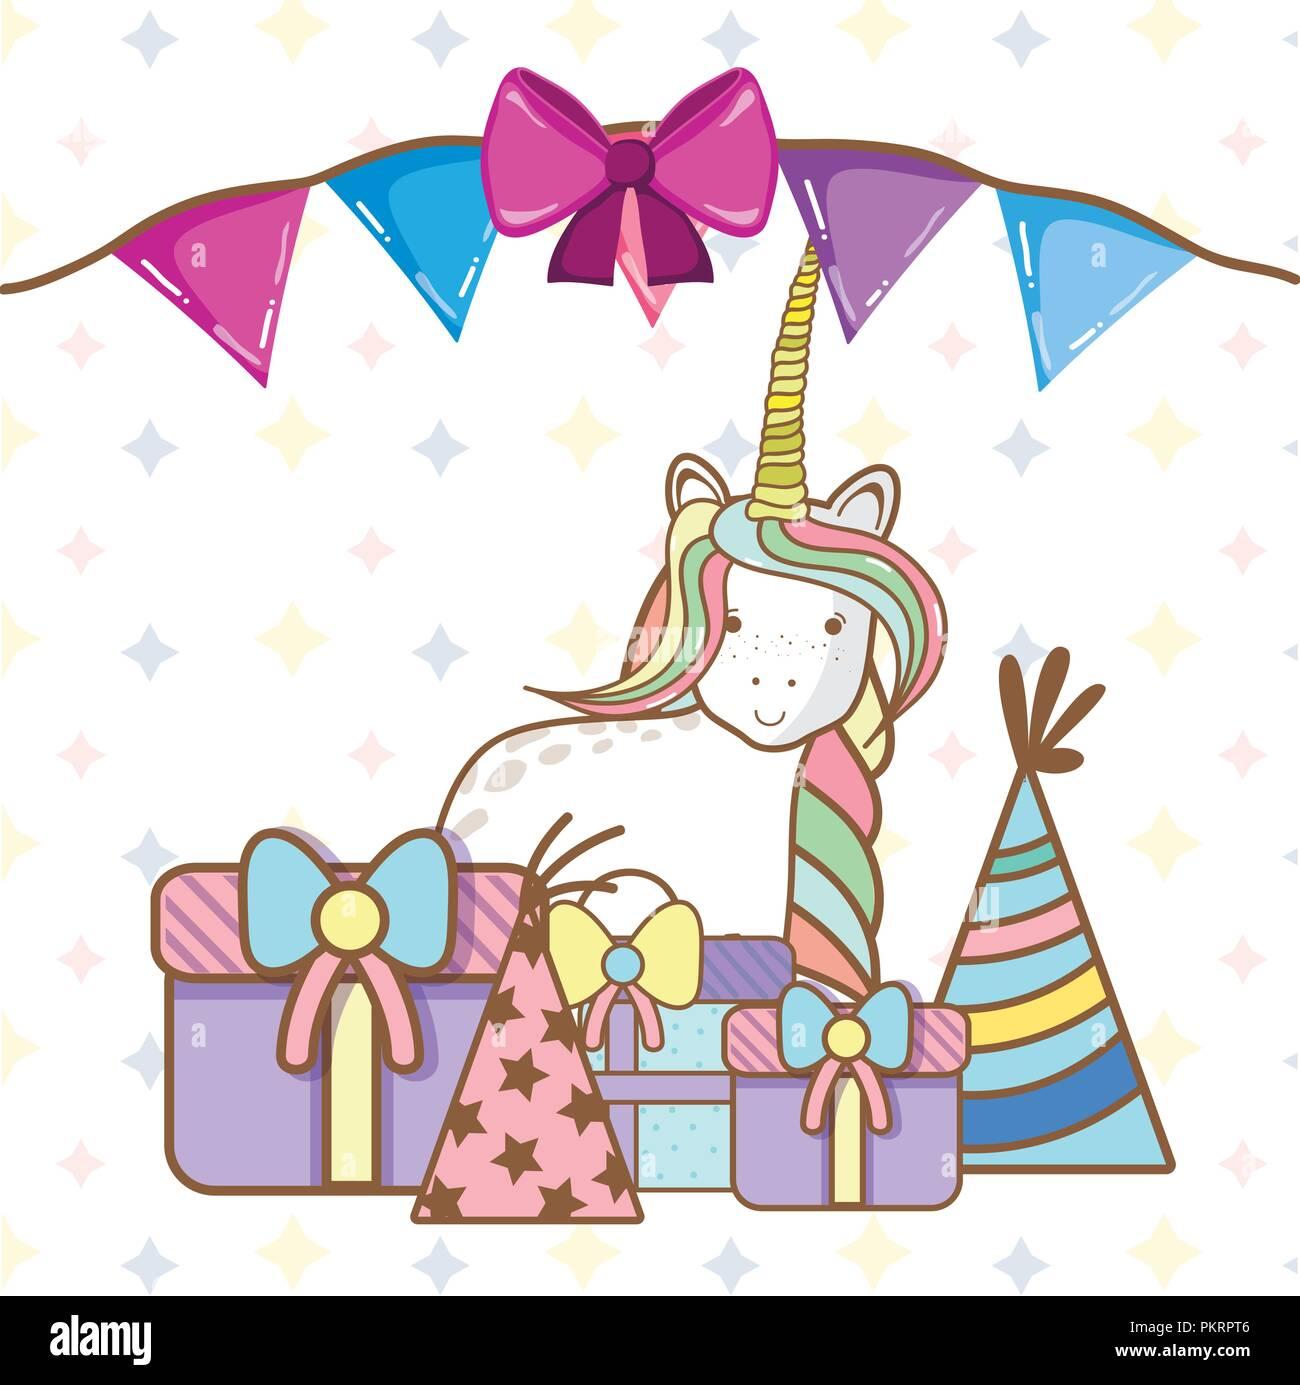 Einhorn Geburtstag Einhorn Geburtstag Party Druck Was Ist Ihre